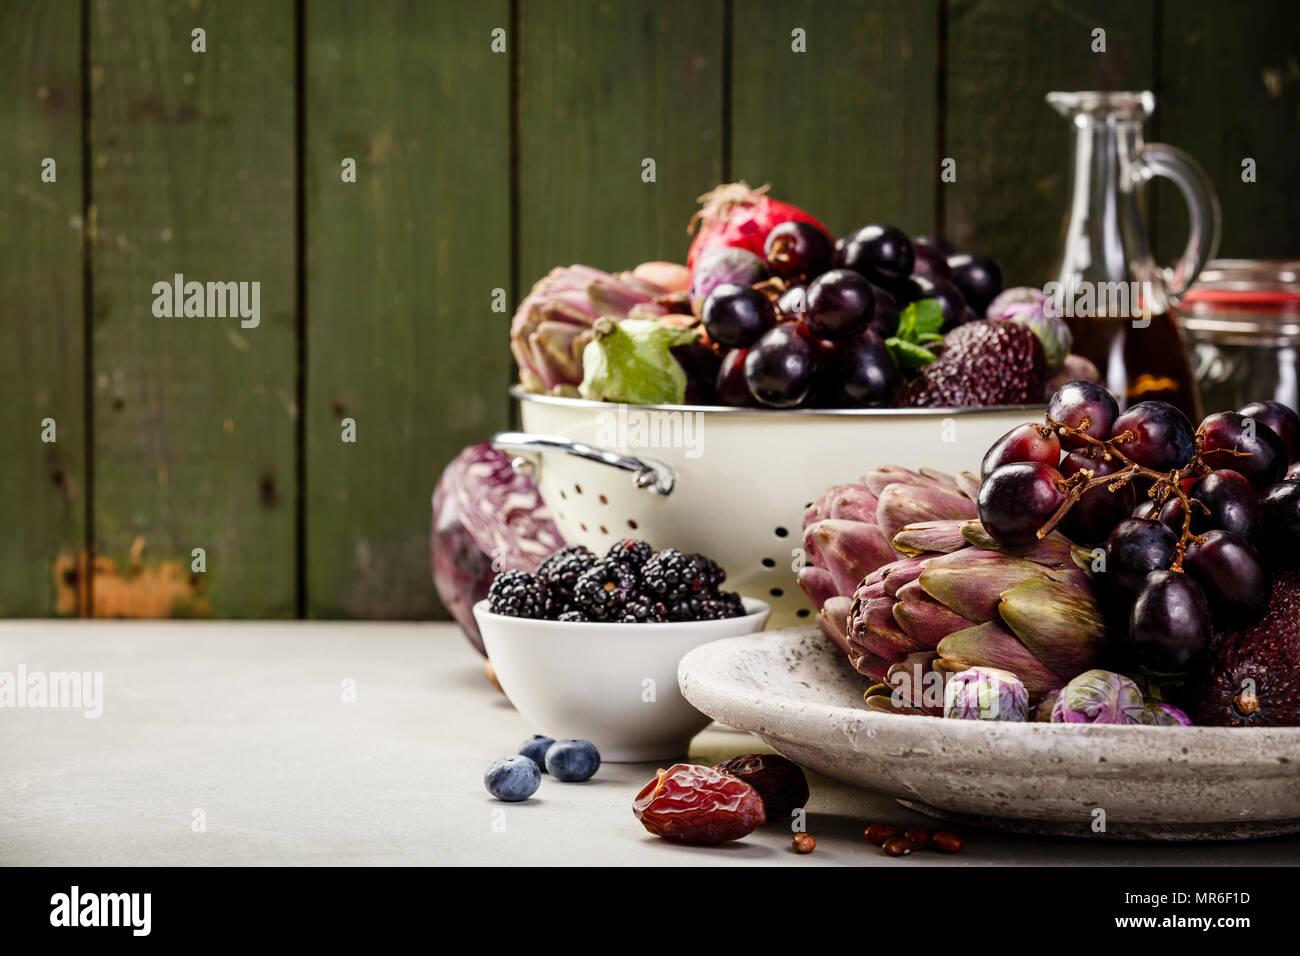 Dieta bilanciata, cucina vegetariana, raw e pulire il concetto di mangiare - close up organico fresco frutta e verdura, cereali, legumi e i dadi sulla concre Immagini Stock